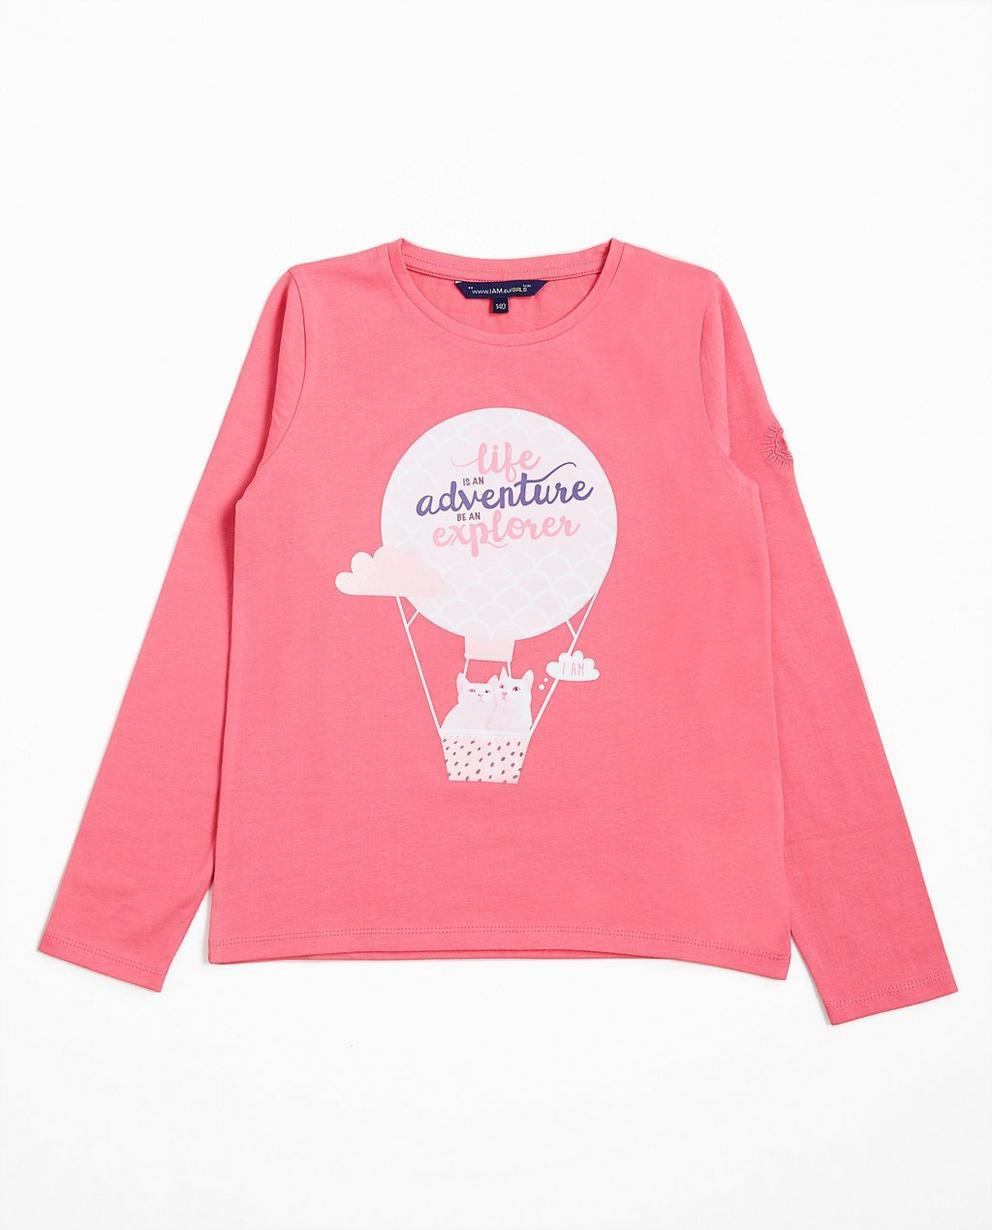 T-shirt à manches longues - rose imprimé, coton bio, I AM - I AM